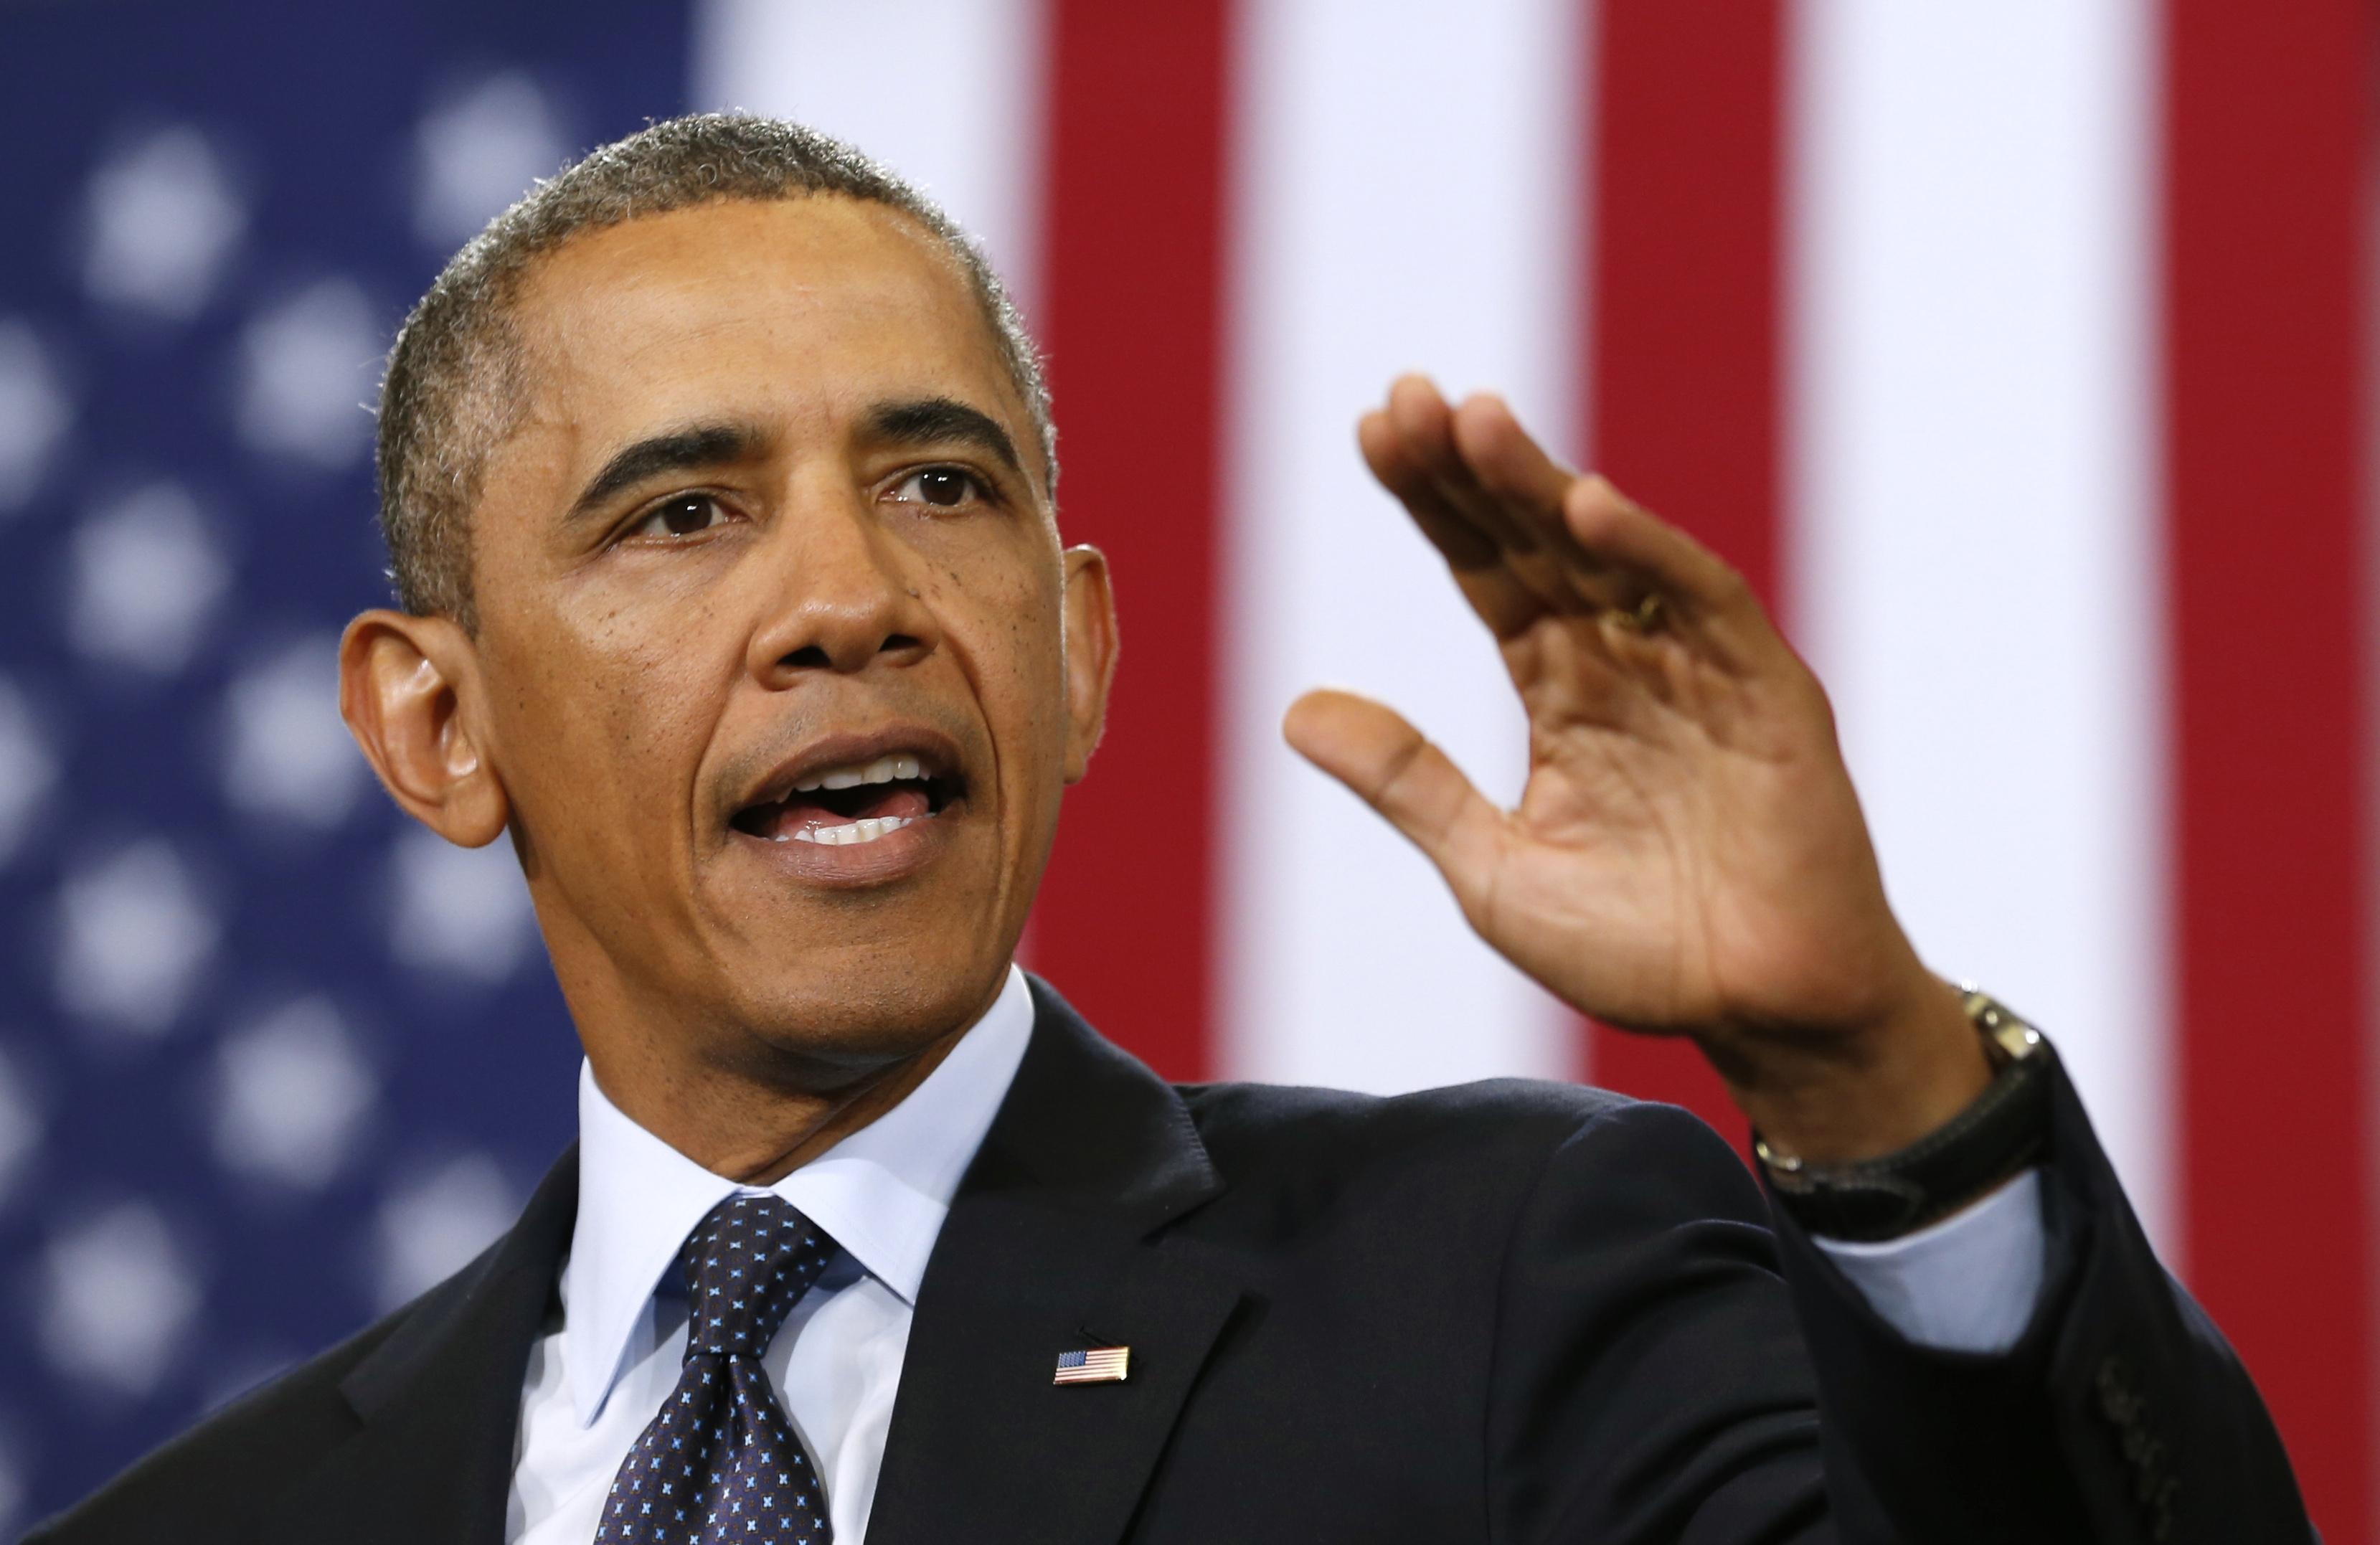 obama-social-media-a-decis-acum-4-ani-locatarul-de-la-casa-alba-ce-va-fi-in-2016-alegeri-2016